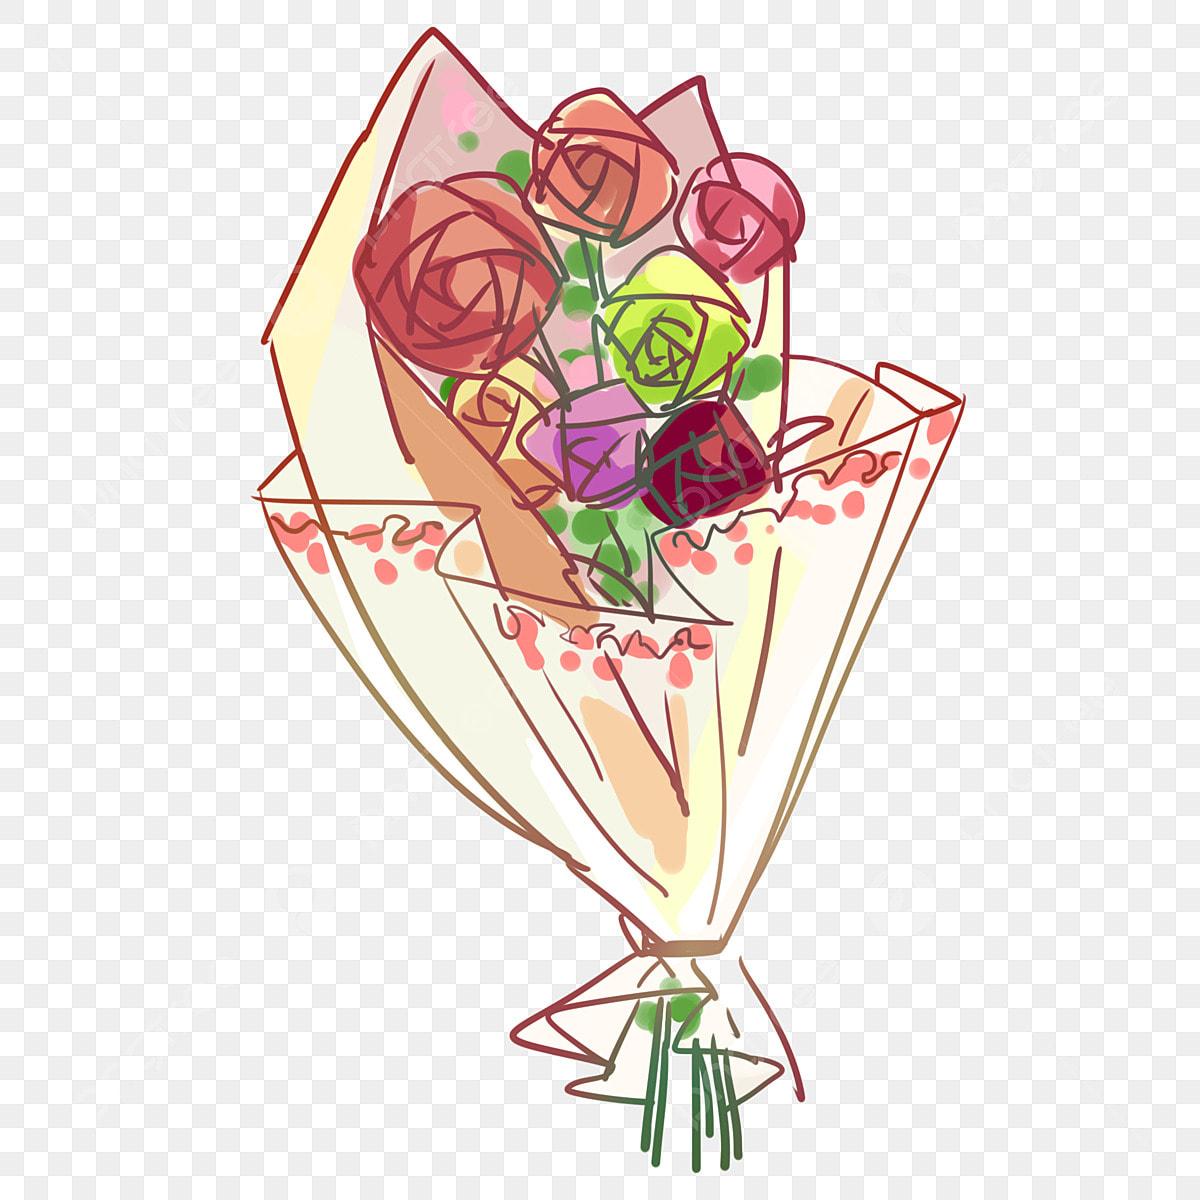 無料ダウンロードのための手描きのバラ挿画イラスト 赤いバラは赤いバラ